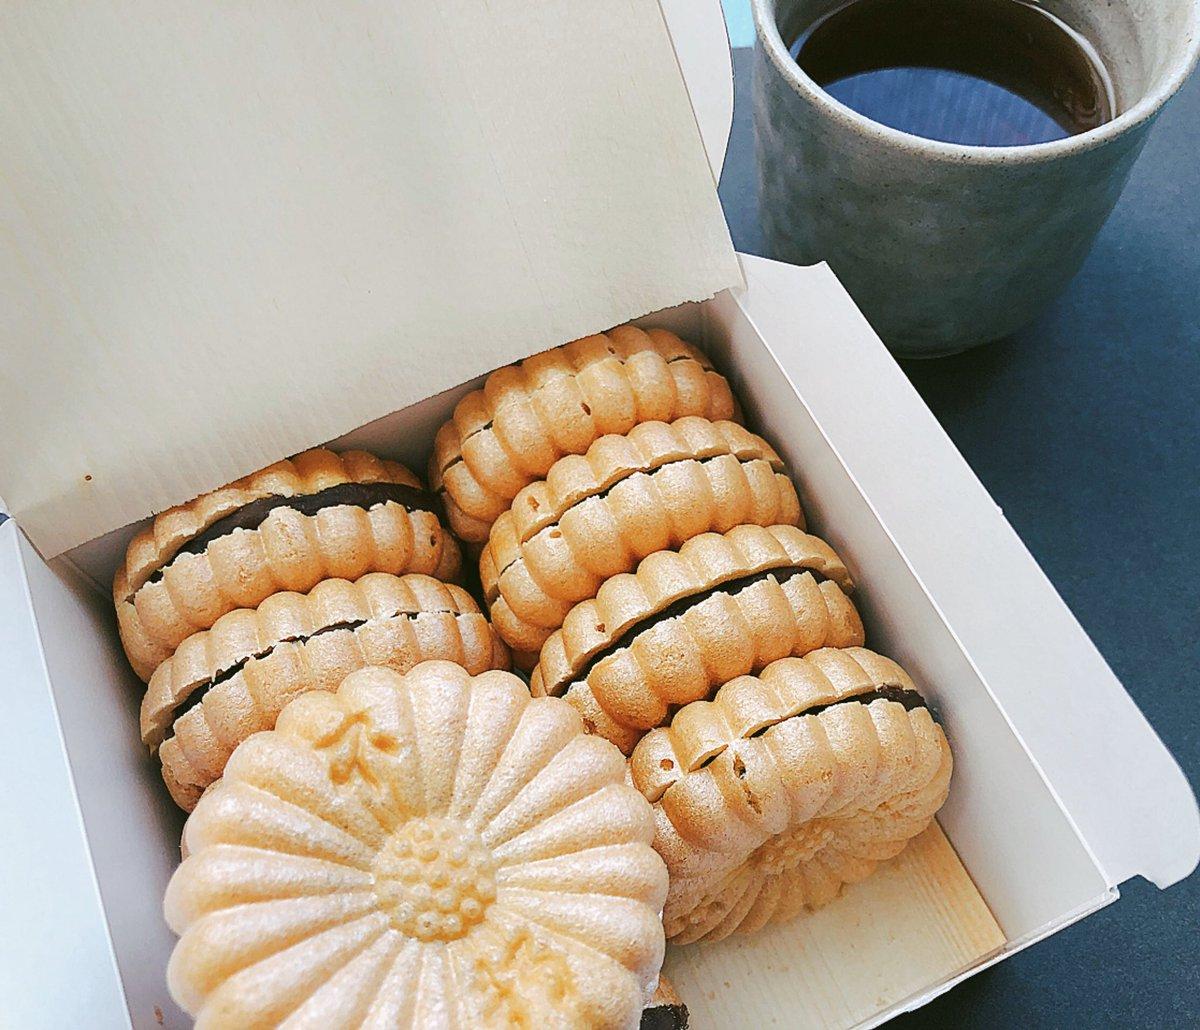 test ツイッターメディア - 今週のおやつは久しぶりに不朽園の最中だよー٩(*⁰▿⁰* ٩) 和菓子はこれか芳光のわらび餅を推します(=ΦωΦ)و☆ あ、雀おどりの芋ういろも好き。 それから、すやの栗きんとんと舟和の芋羊羹と出町ふたばの豆餅と阿闍梨餅と(以下略) https://t.co/VULIWrsKdT